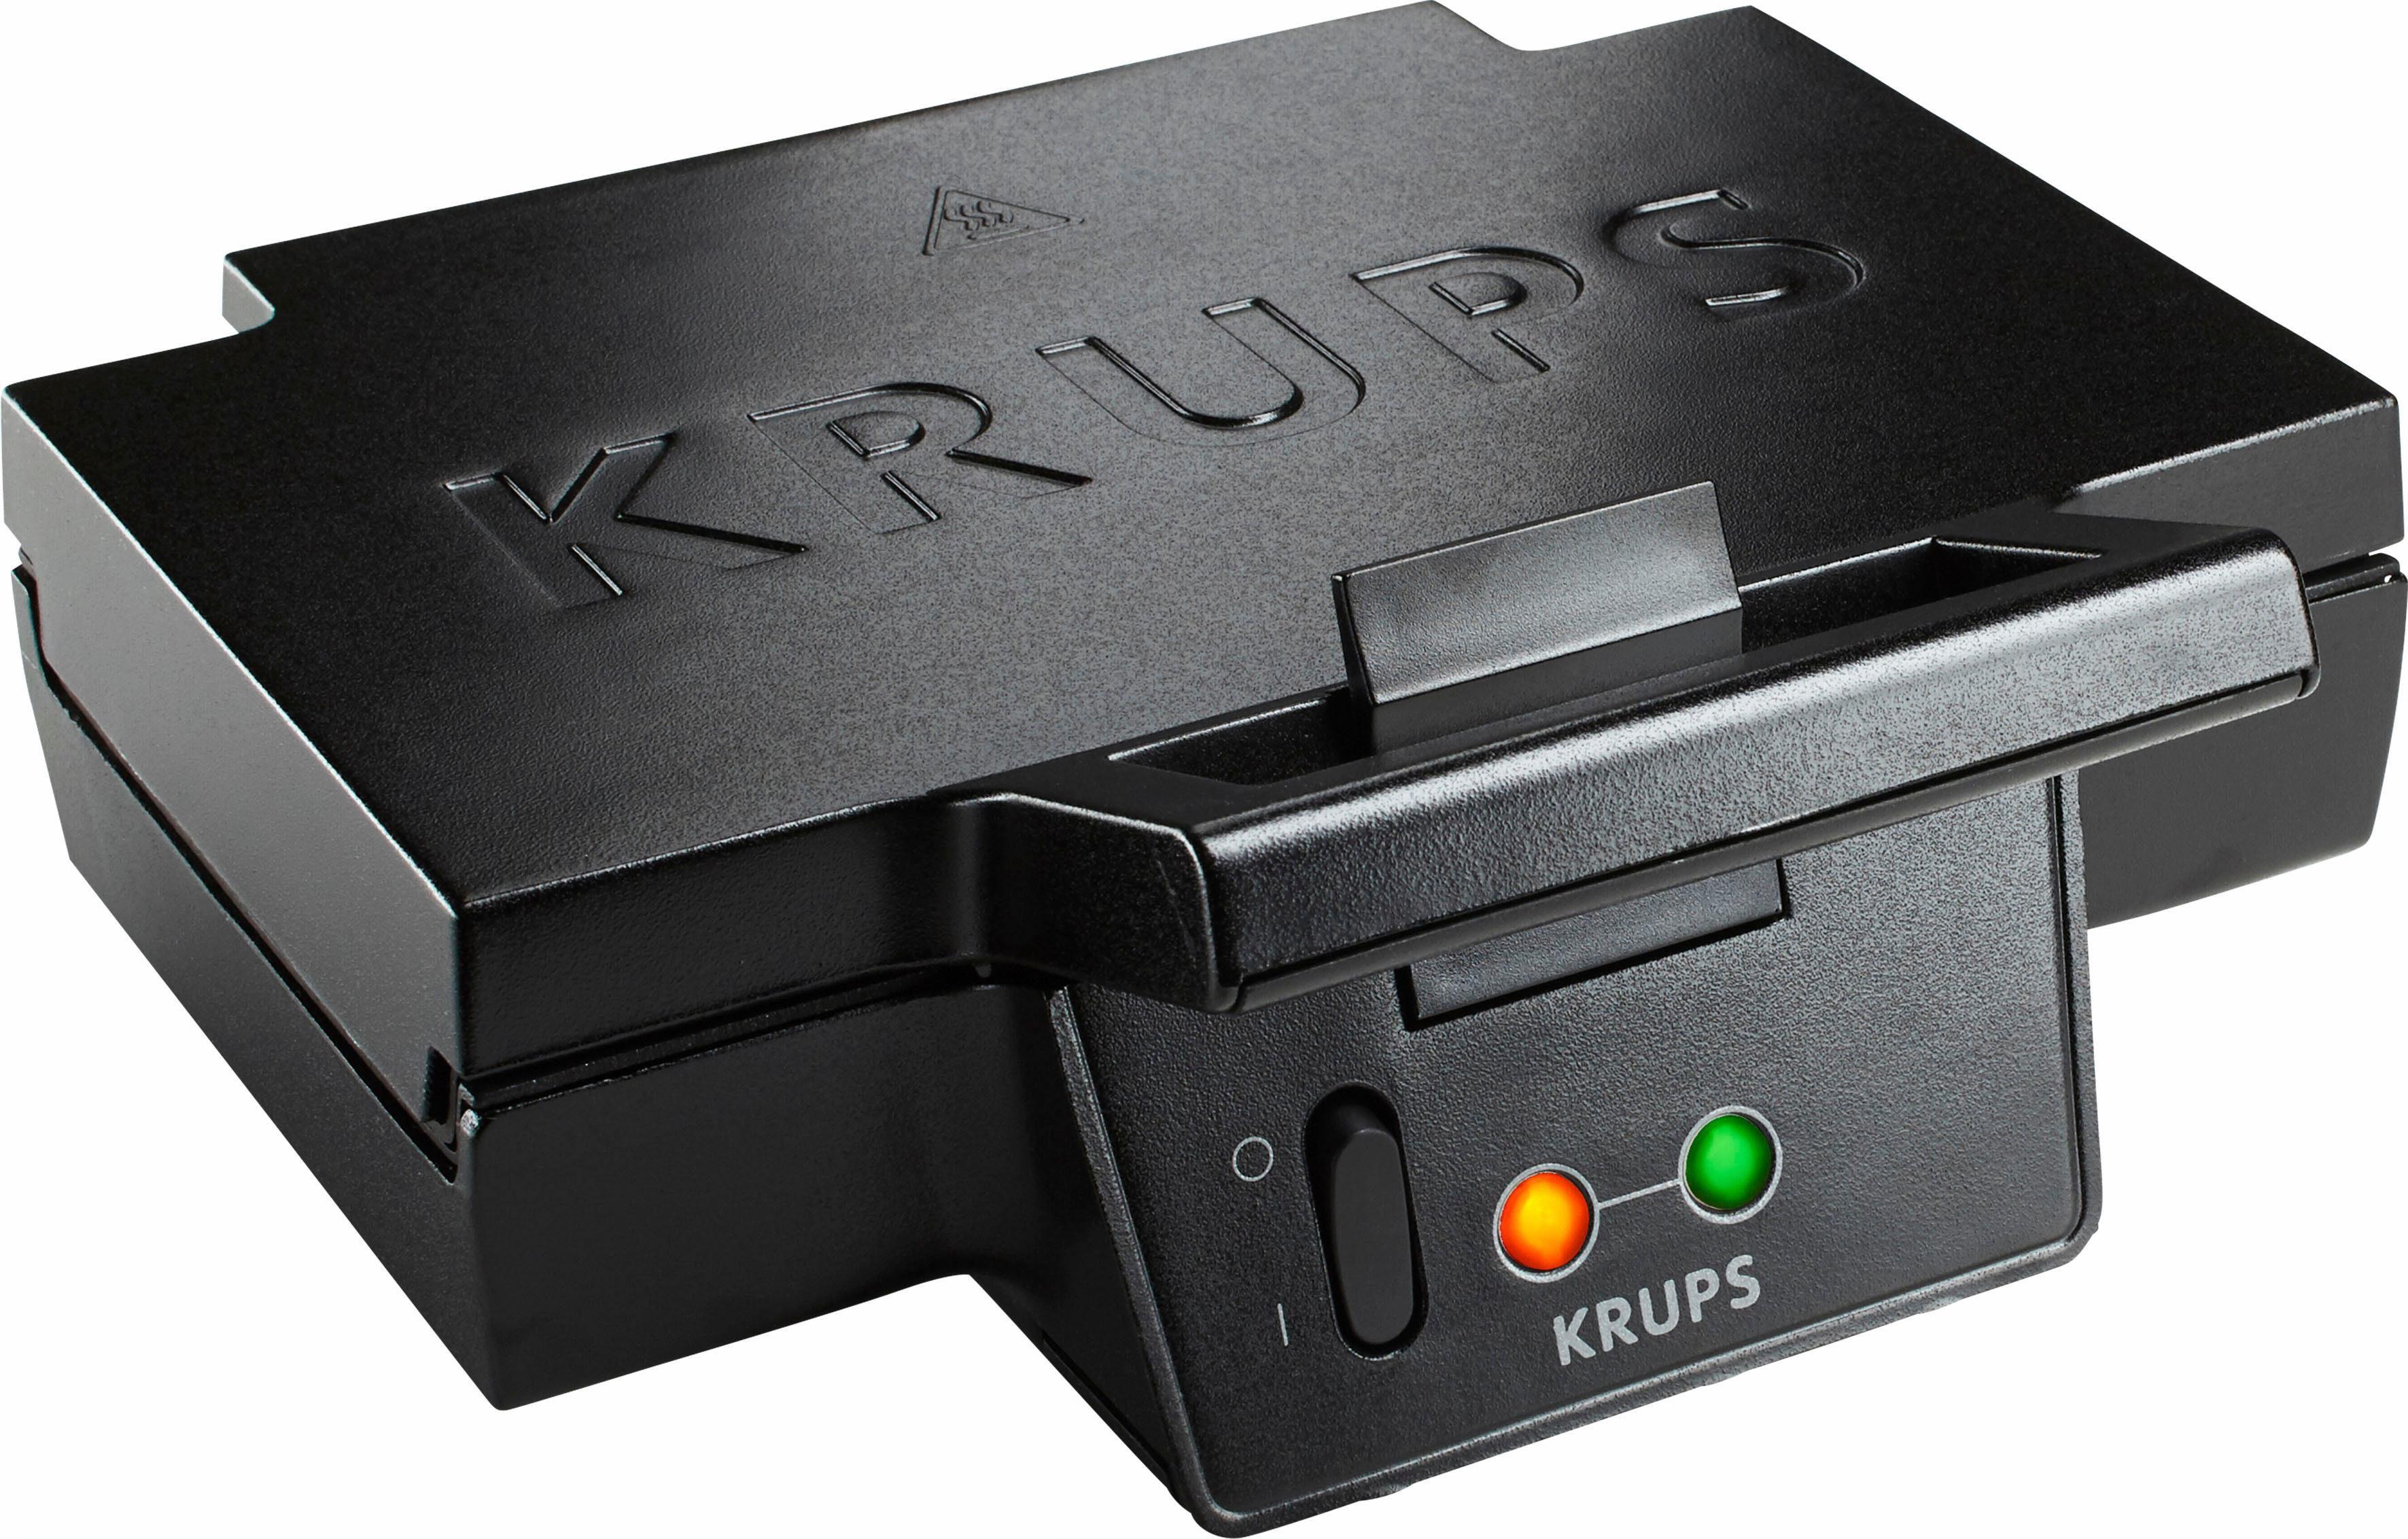 Krups Sandwich-Toaster FDK451 mit extra großen und tiefen Toastplatten, 850 Watt